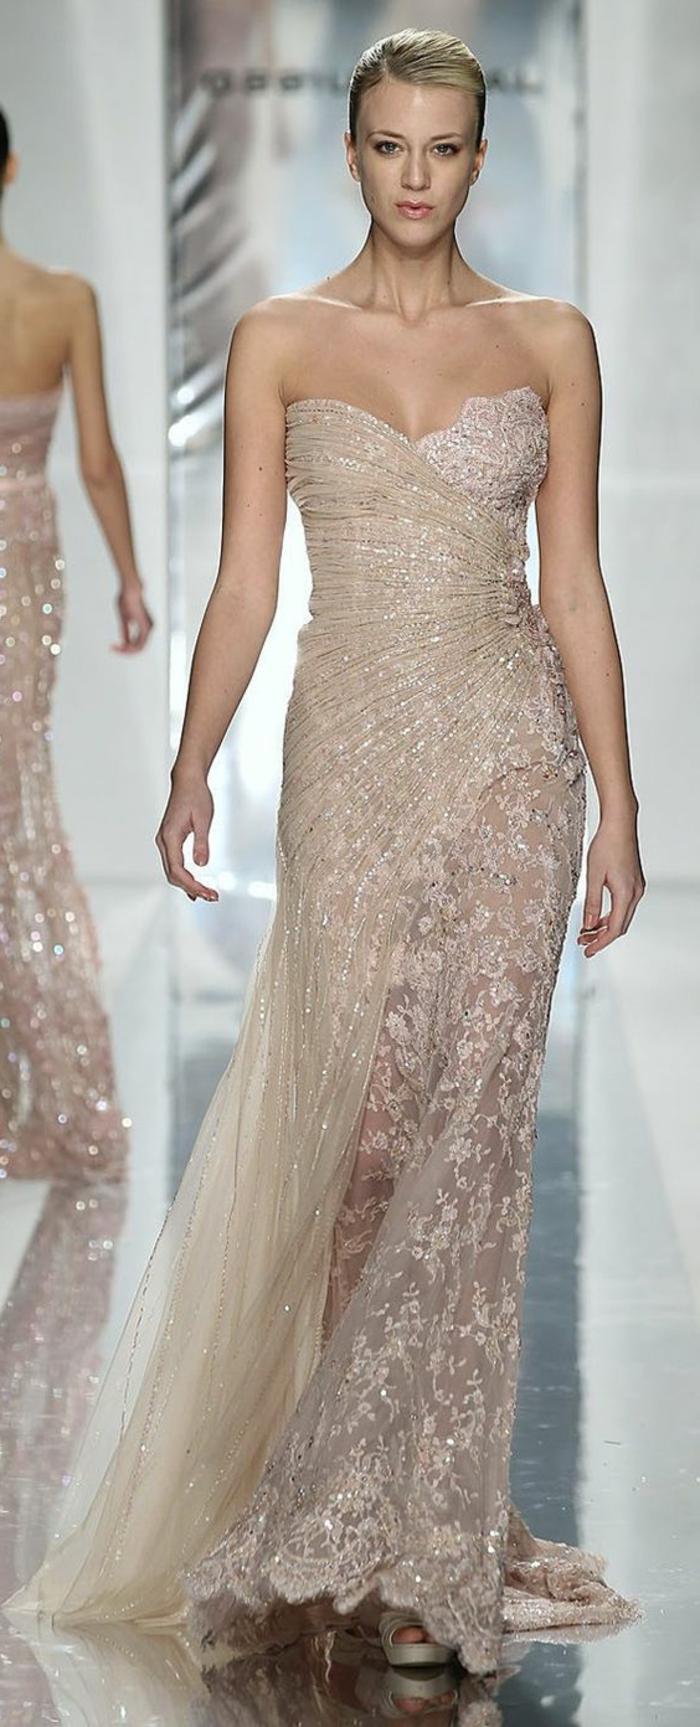 robe de mariée couleur champagne, coiffure chignon, bustier plongeant